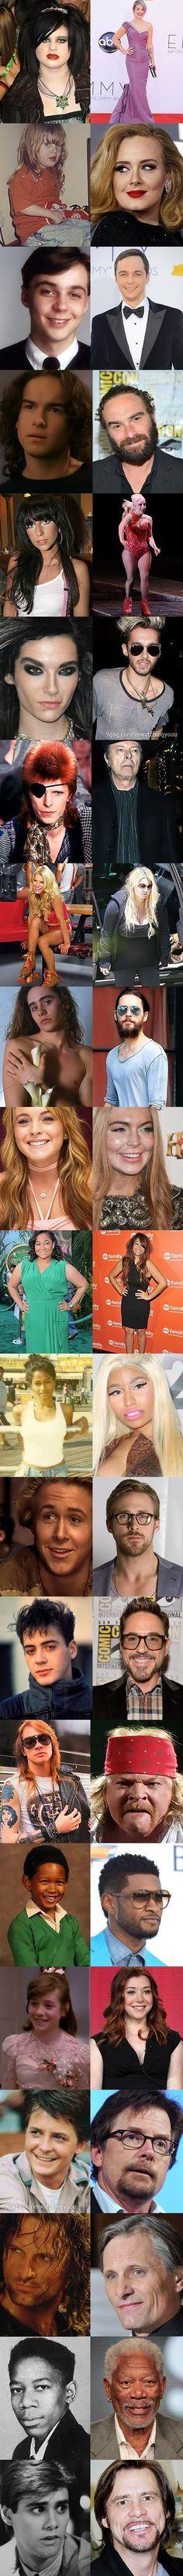 Célébrités avant et après